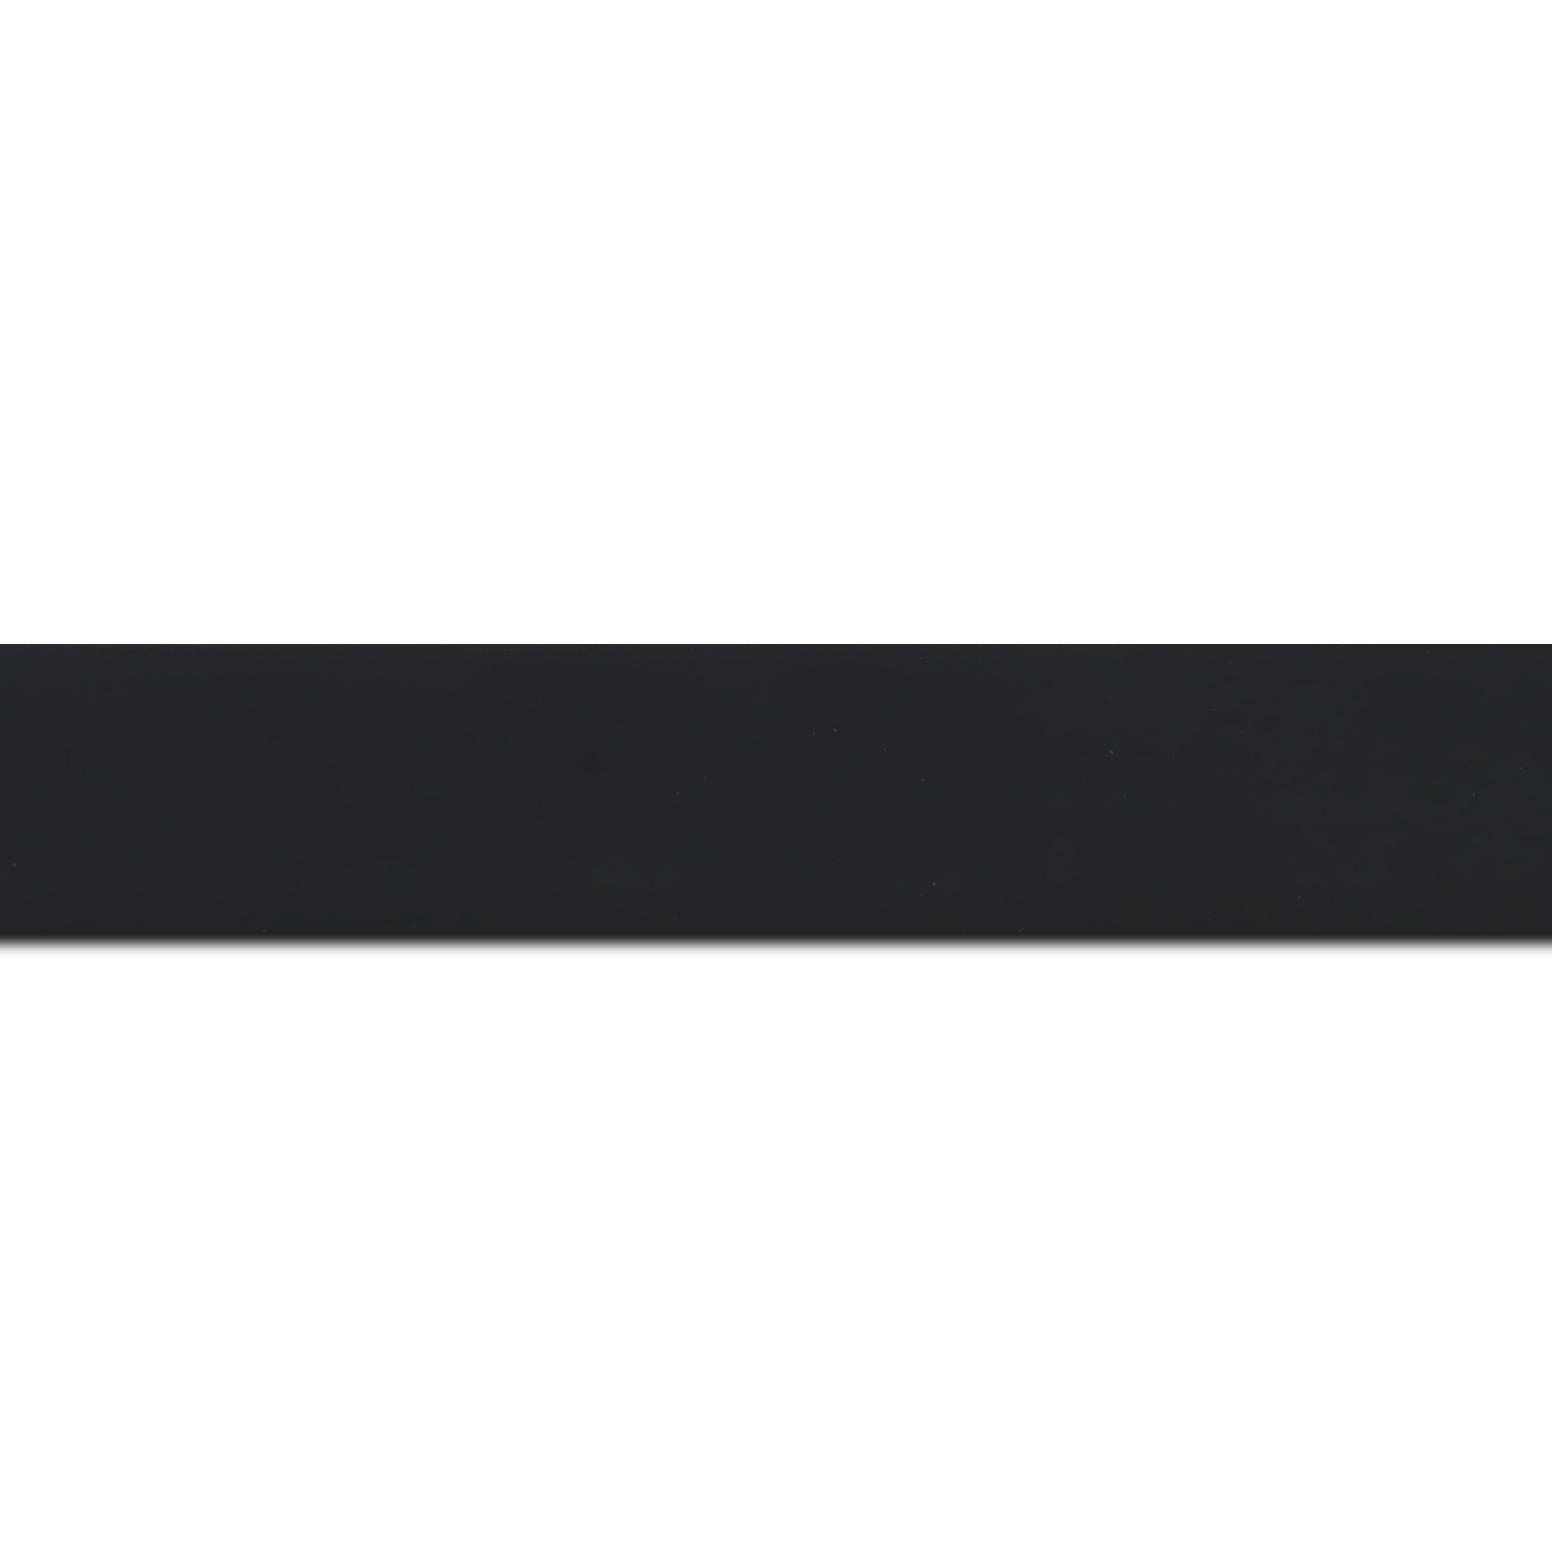 Pack par 12m, bois profil plat largeur 3cm couleur noir mat finition pore bouché effet cube (le sujet qui sera glissé dans le cadre sera en retrait de la face du cadre de 1.4cm assurant un effet très contemporain) (longueur baguette pouvant varier entre 2.40m et 3m selon arrivage des bois)